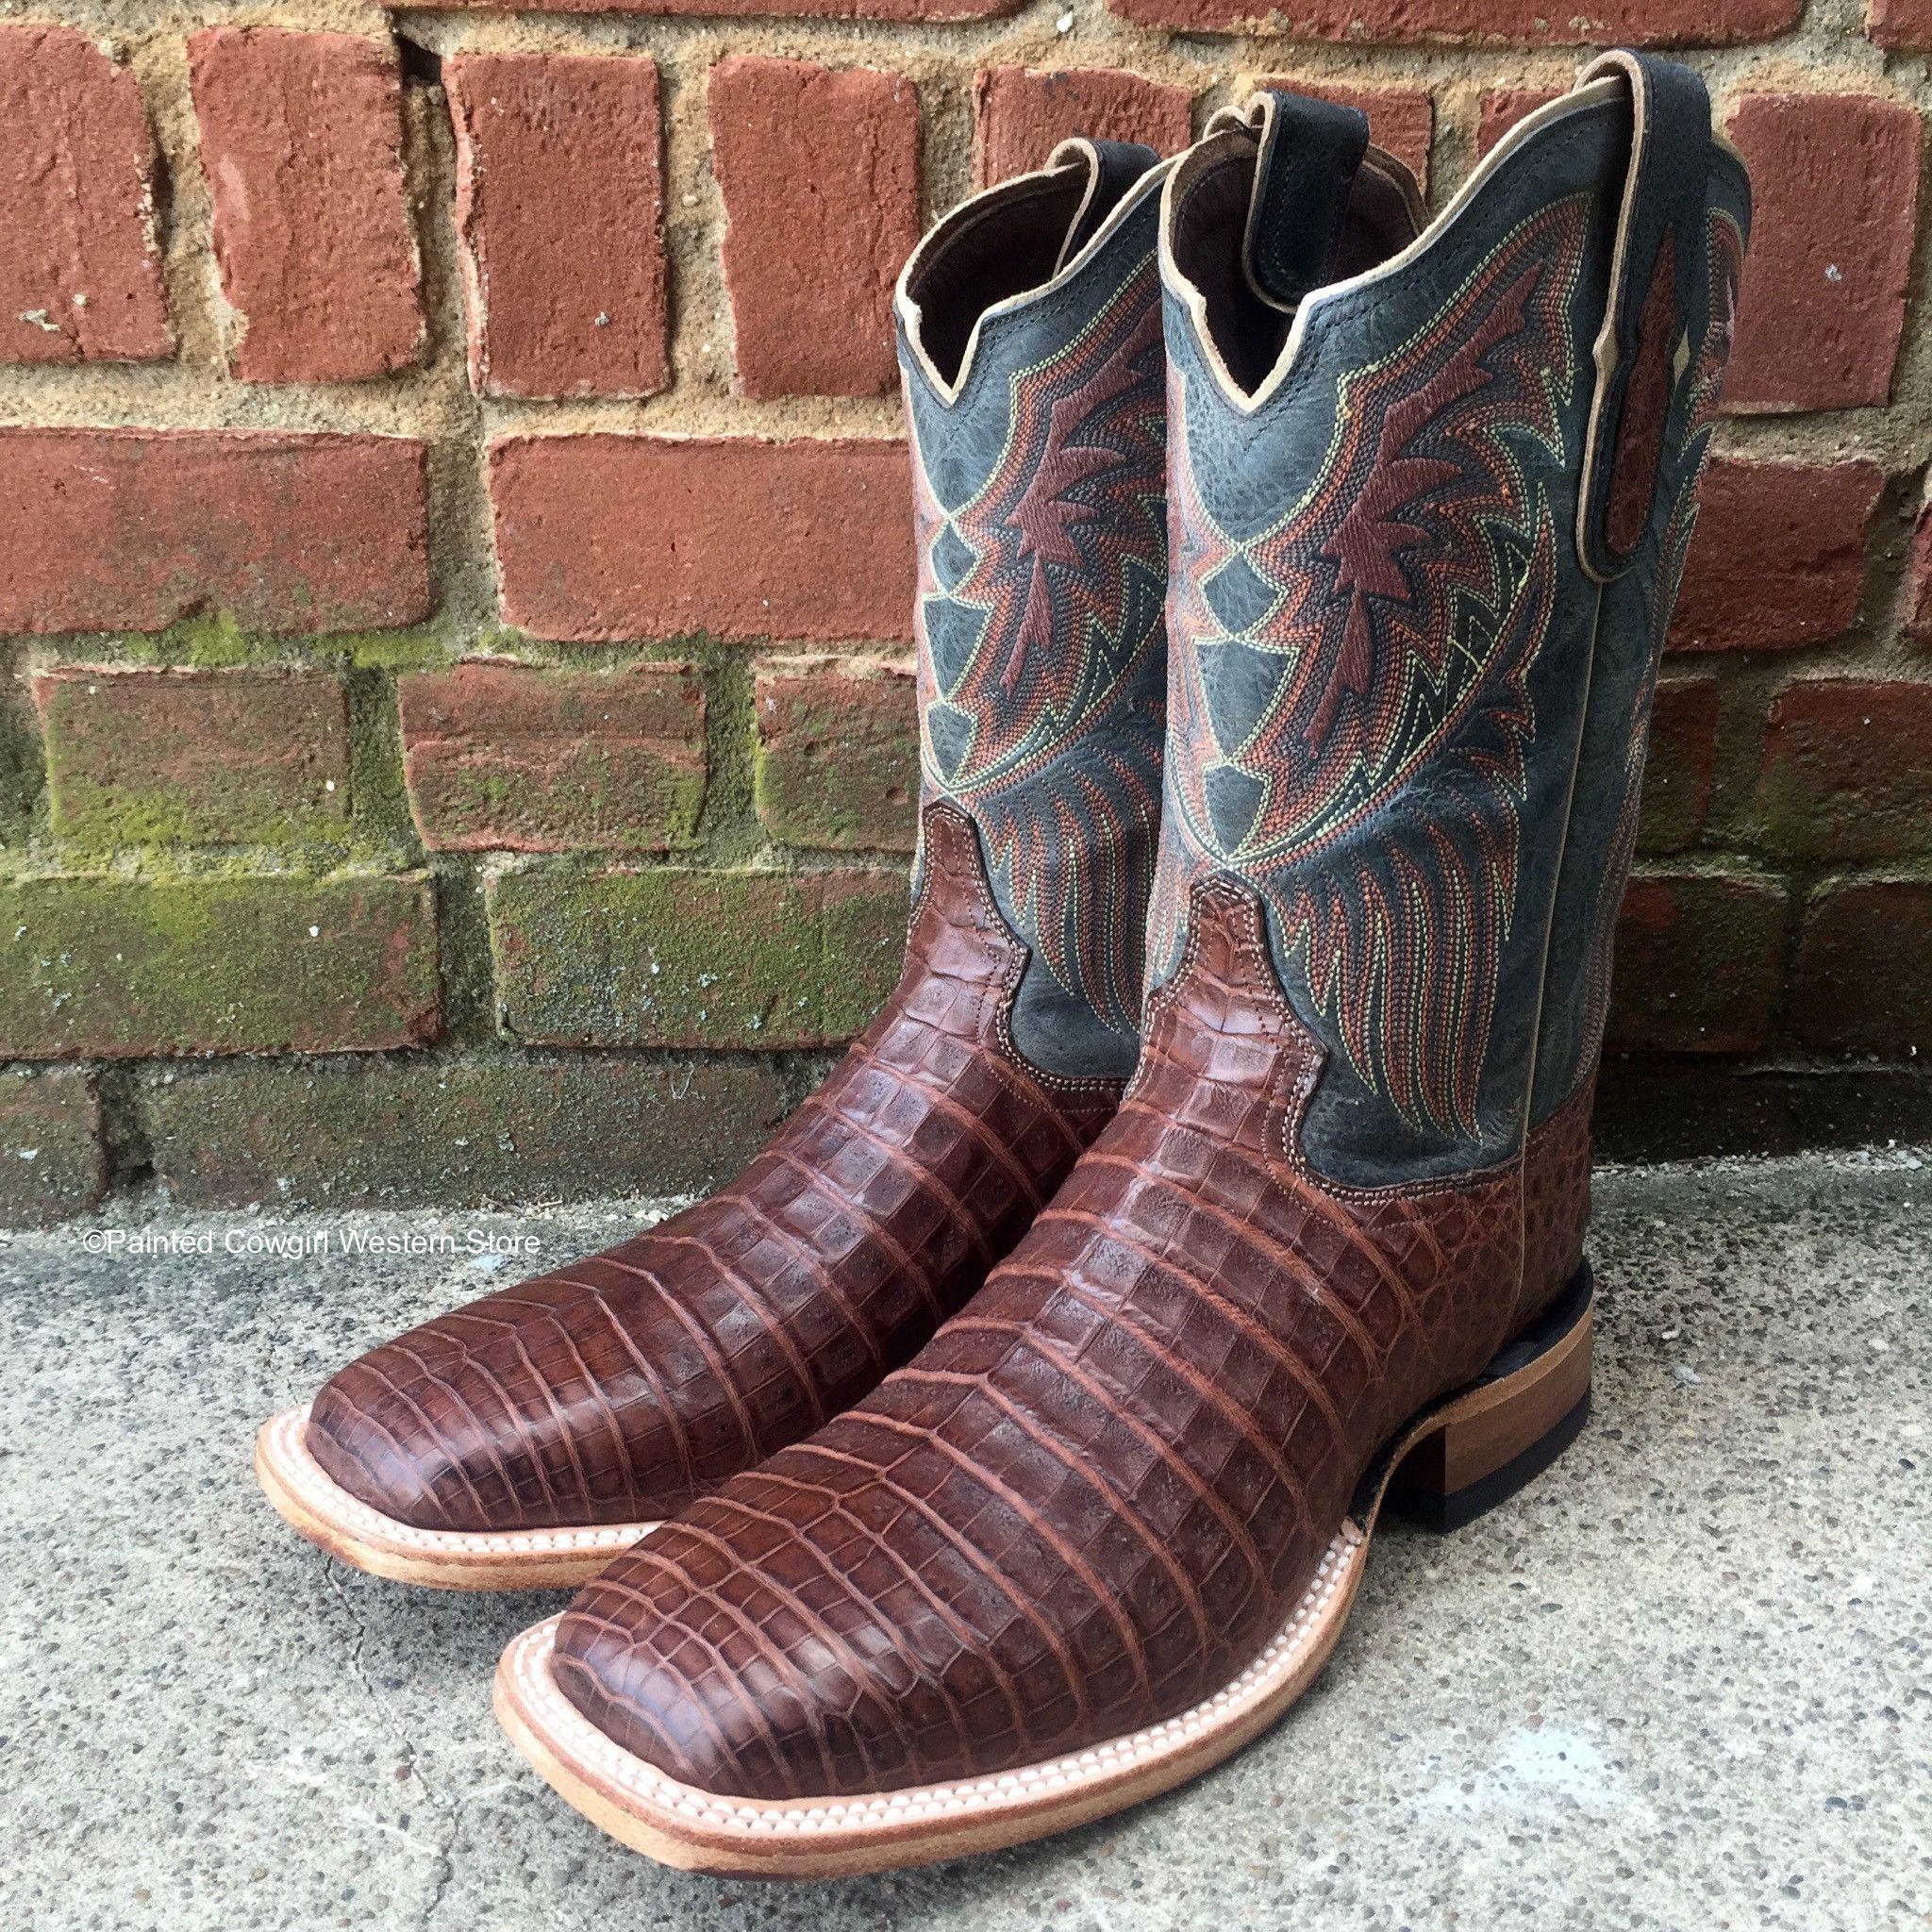 58378fcaf11 Tony Lama Men's Dark Cognac Vintage Caiman Belly Sq Toe Boots 6075 ...